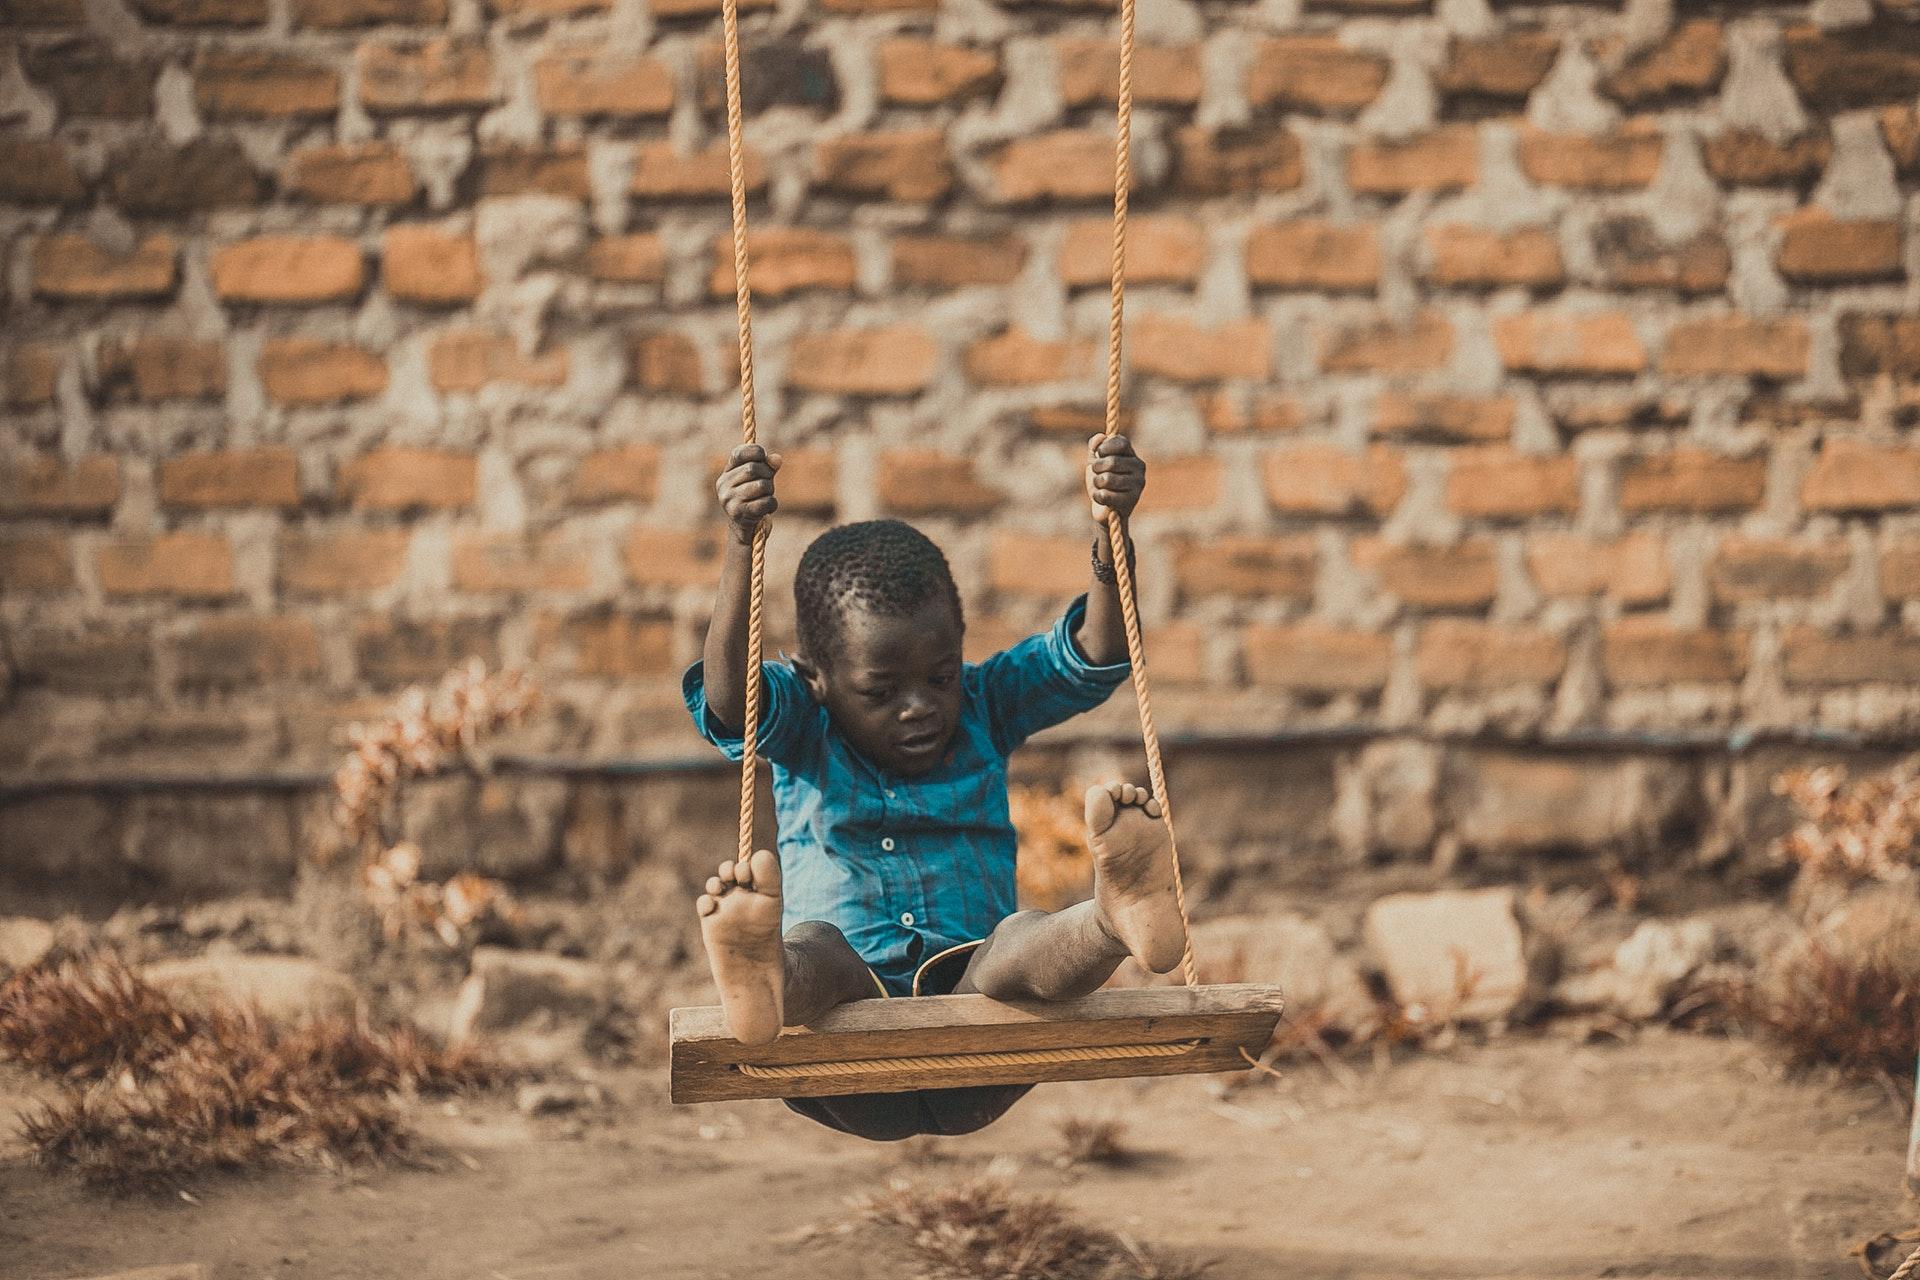 Tanzania, afrika, sygdom, barn, gynge, fattigdom, fattig